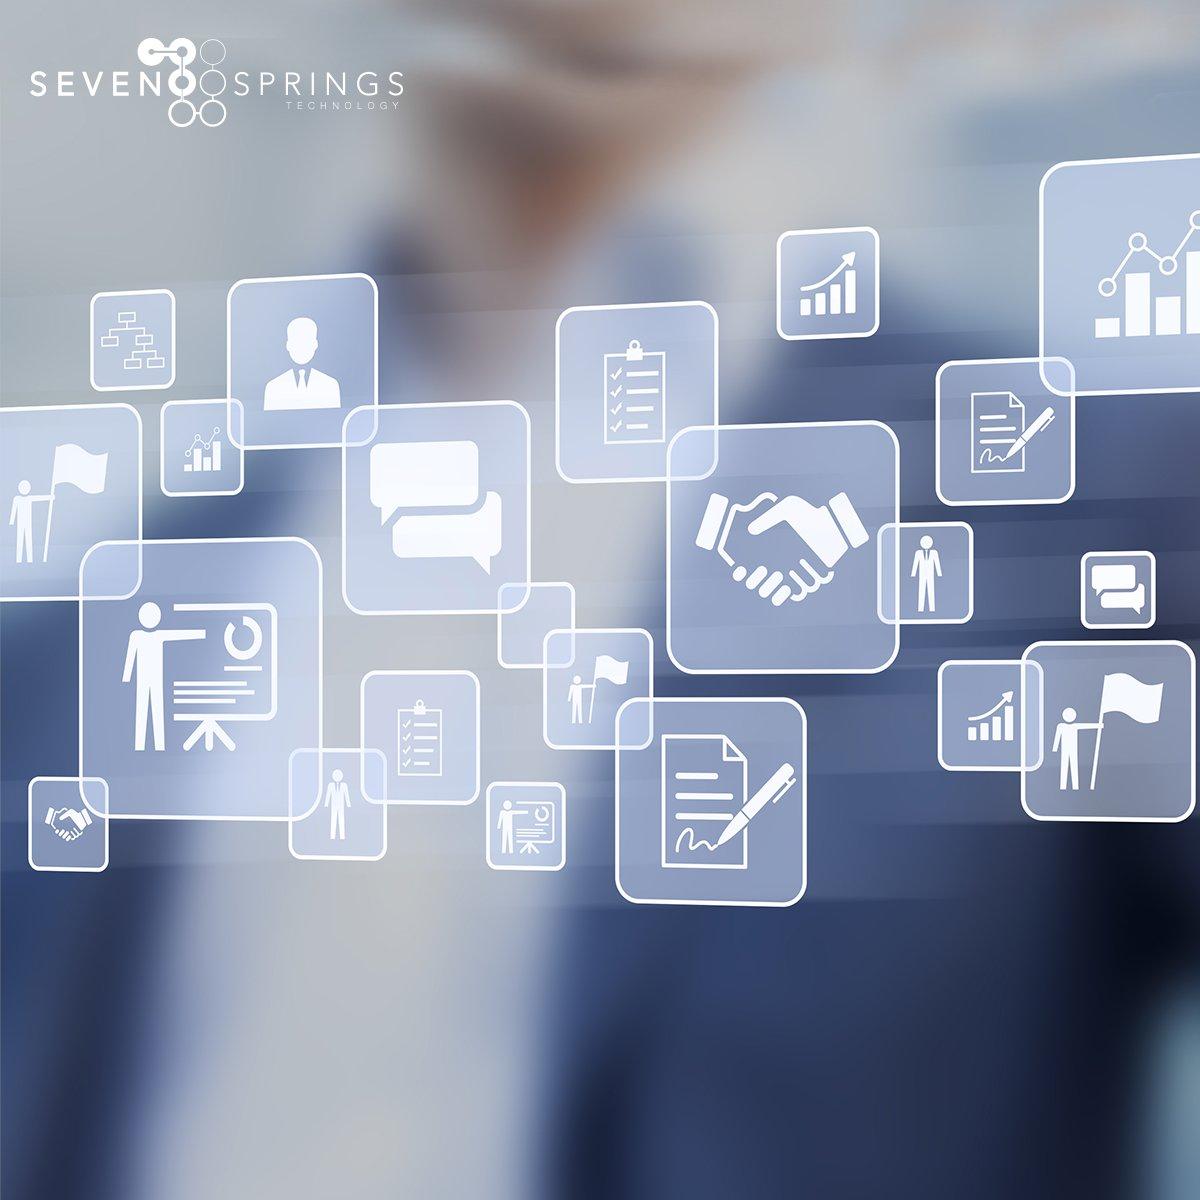 Um in einem immer stärker wettbewerbsorientierten Markt Schritt zu halten, bedarf es einem Perspektivenwechsel. SevenSprings #Technology unterstützt Sie mit umfassenden  prädikativen #Analysen um Ihren #Unternehmenserfolg zu maximieren.Erfahren Sie mehr: https://sevensprings.ch/de/dienstleistungen/german_data-and-predictive-analytics/…pic.twitter.com/yRE6beewJo